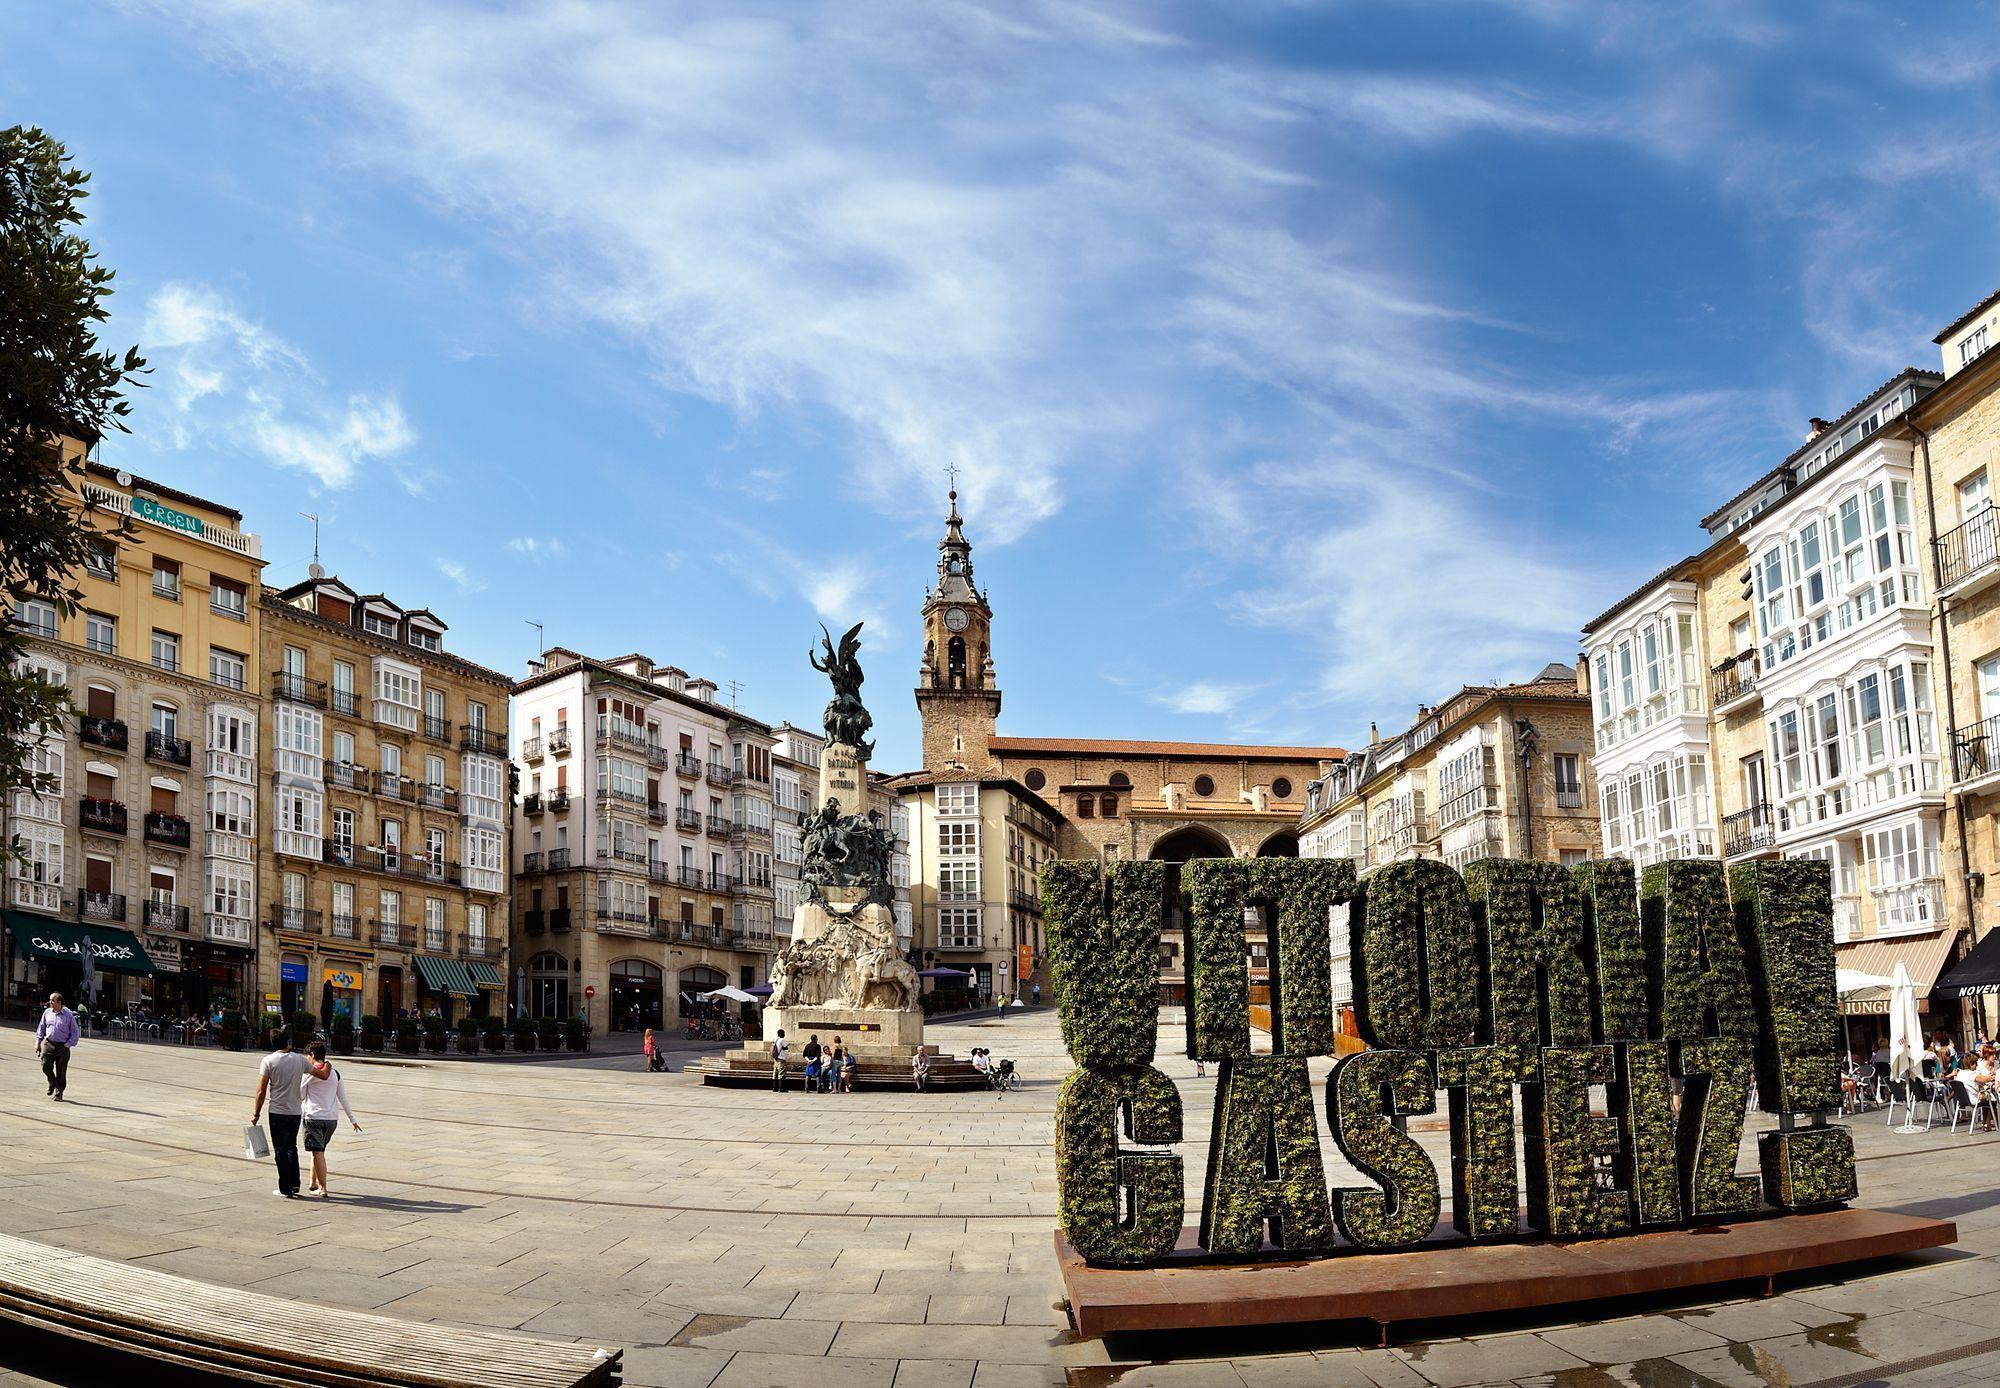 Plaza-VIRGEN-BLANCA_vitoria-destino-turistico